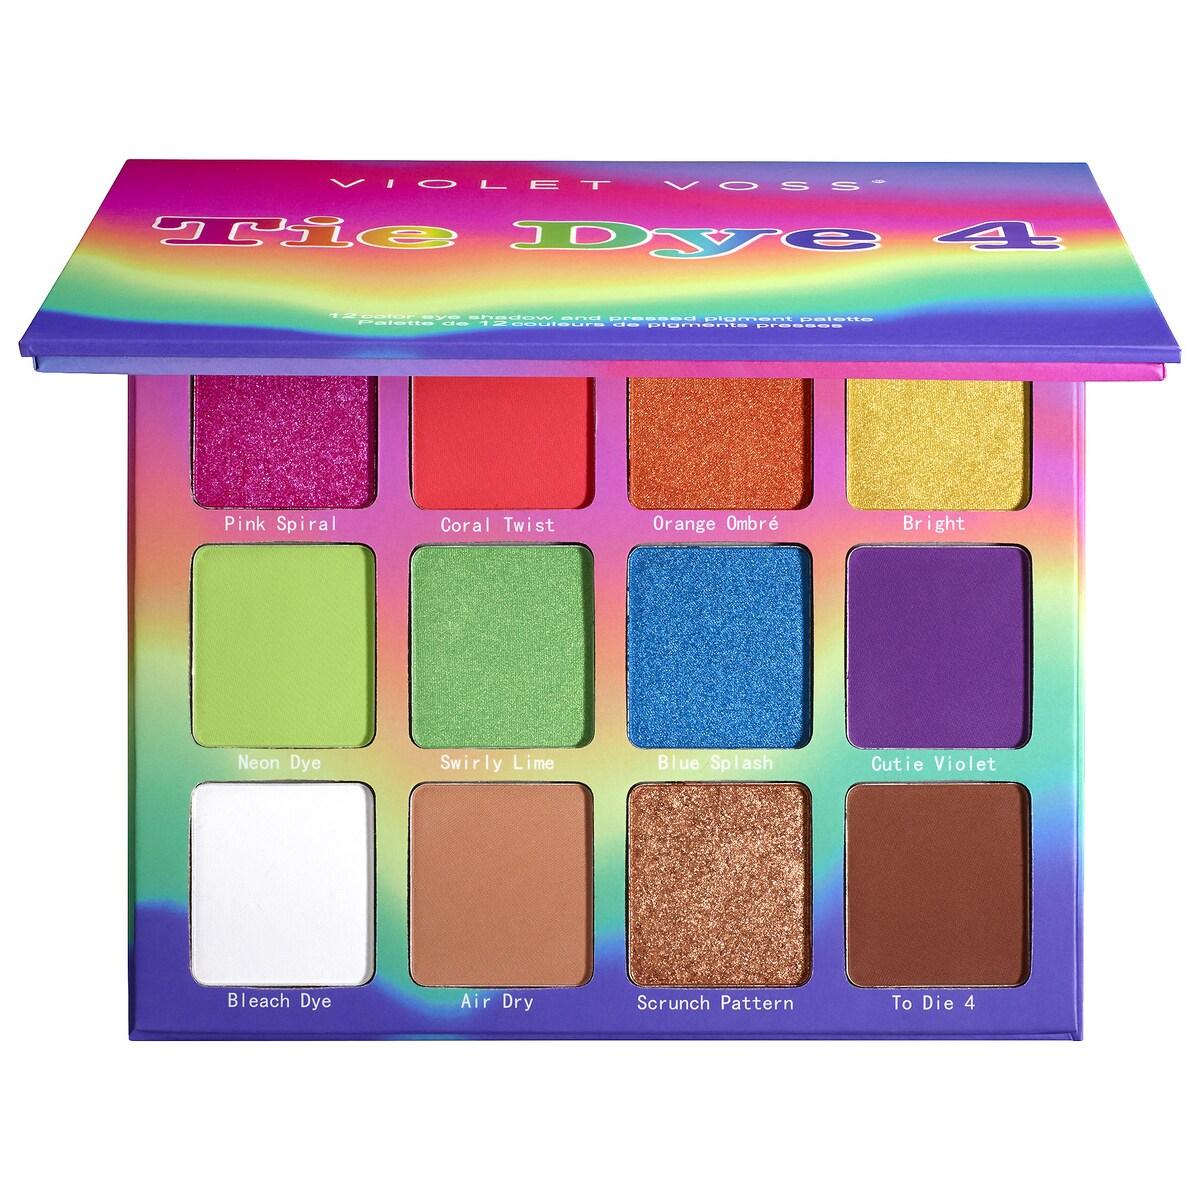 Violet Voss Tie Dye 4 Eyeshadow Palette